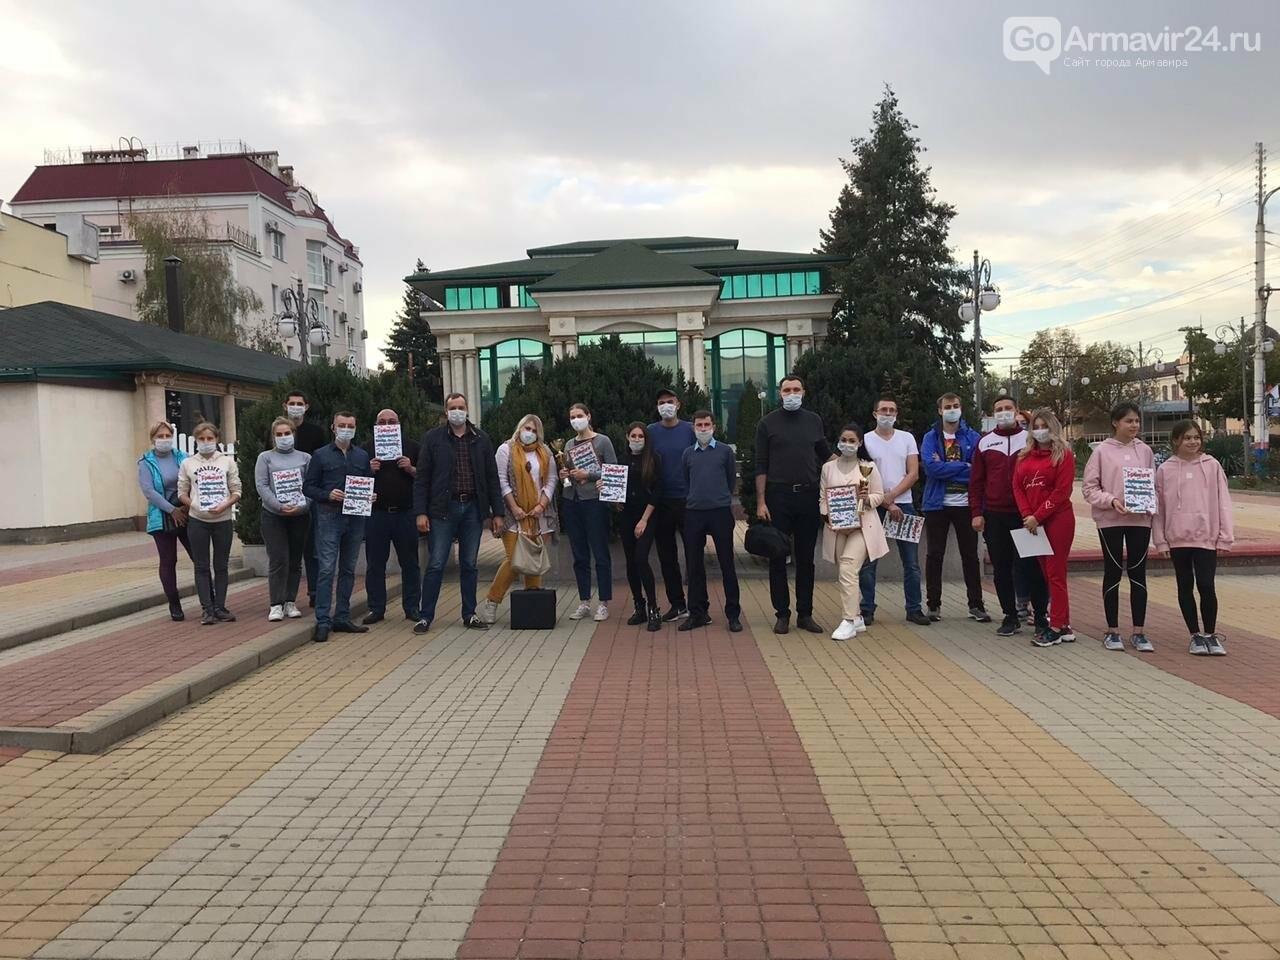 """В Армавире состоялась квест-игра """"Автомобильный вопрос"""", фото-1"""